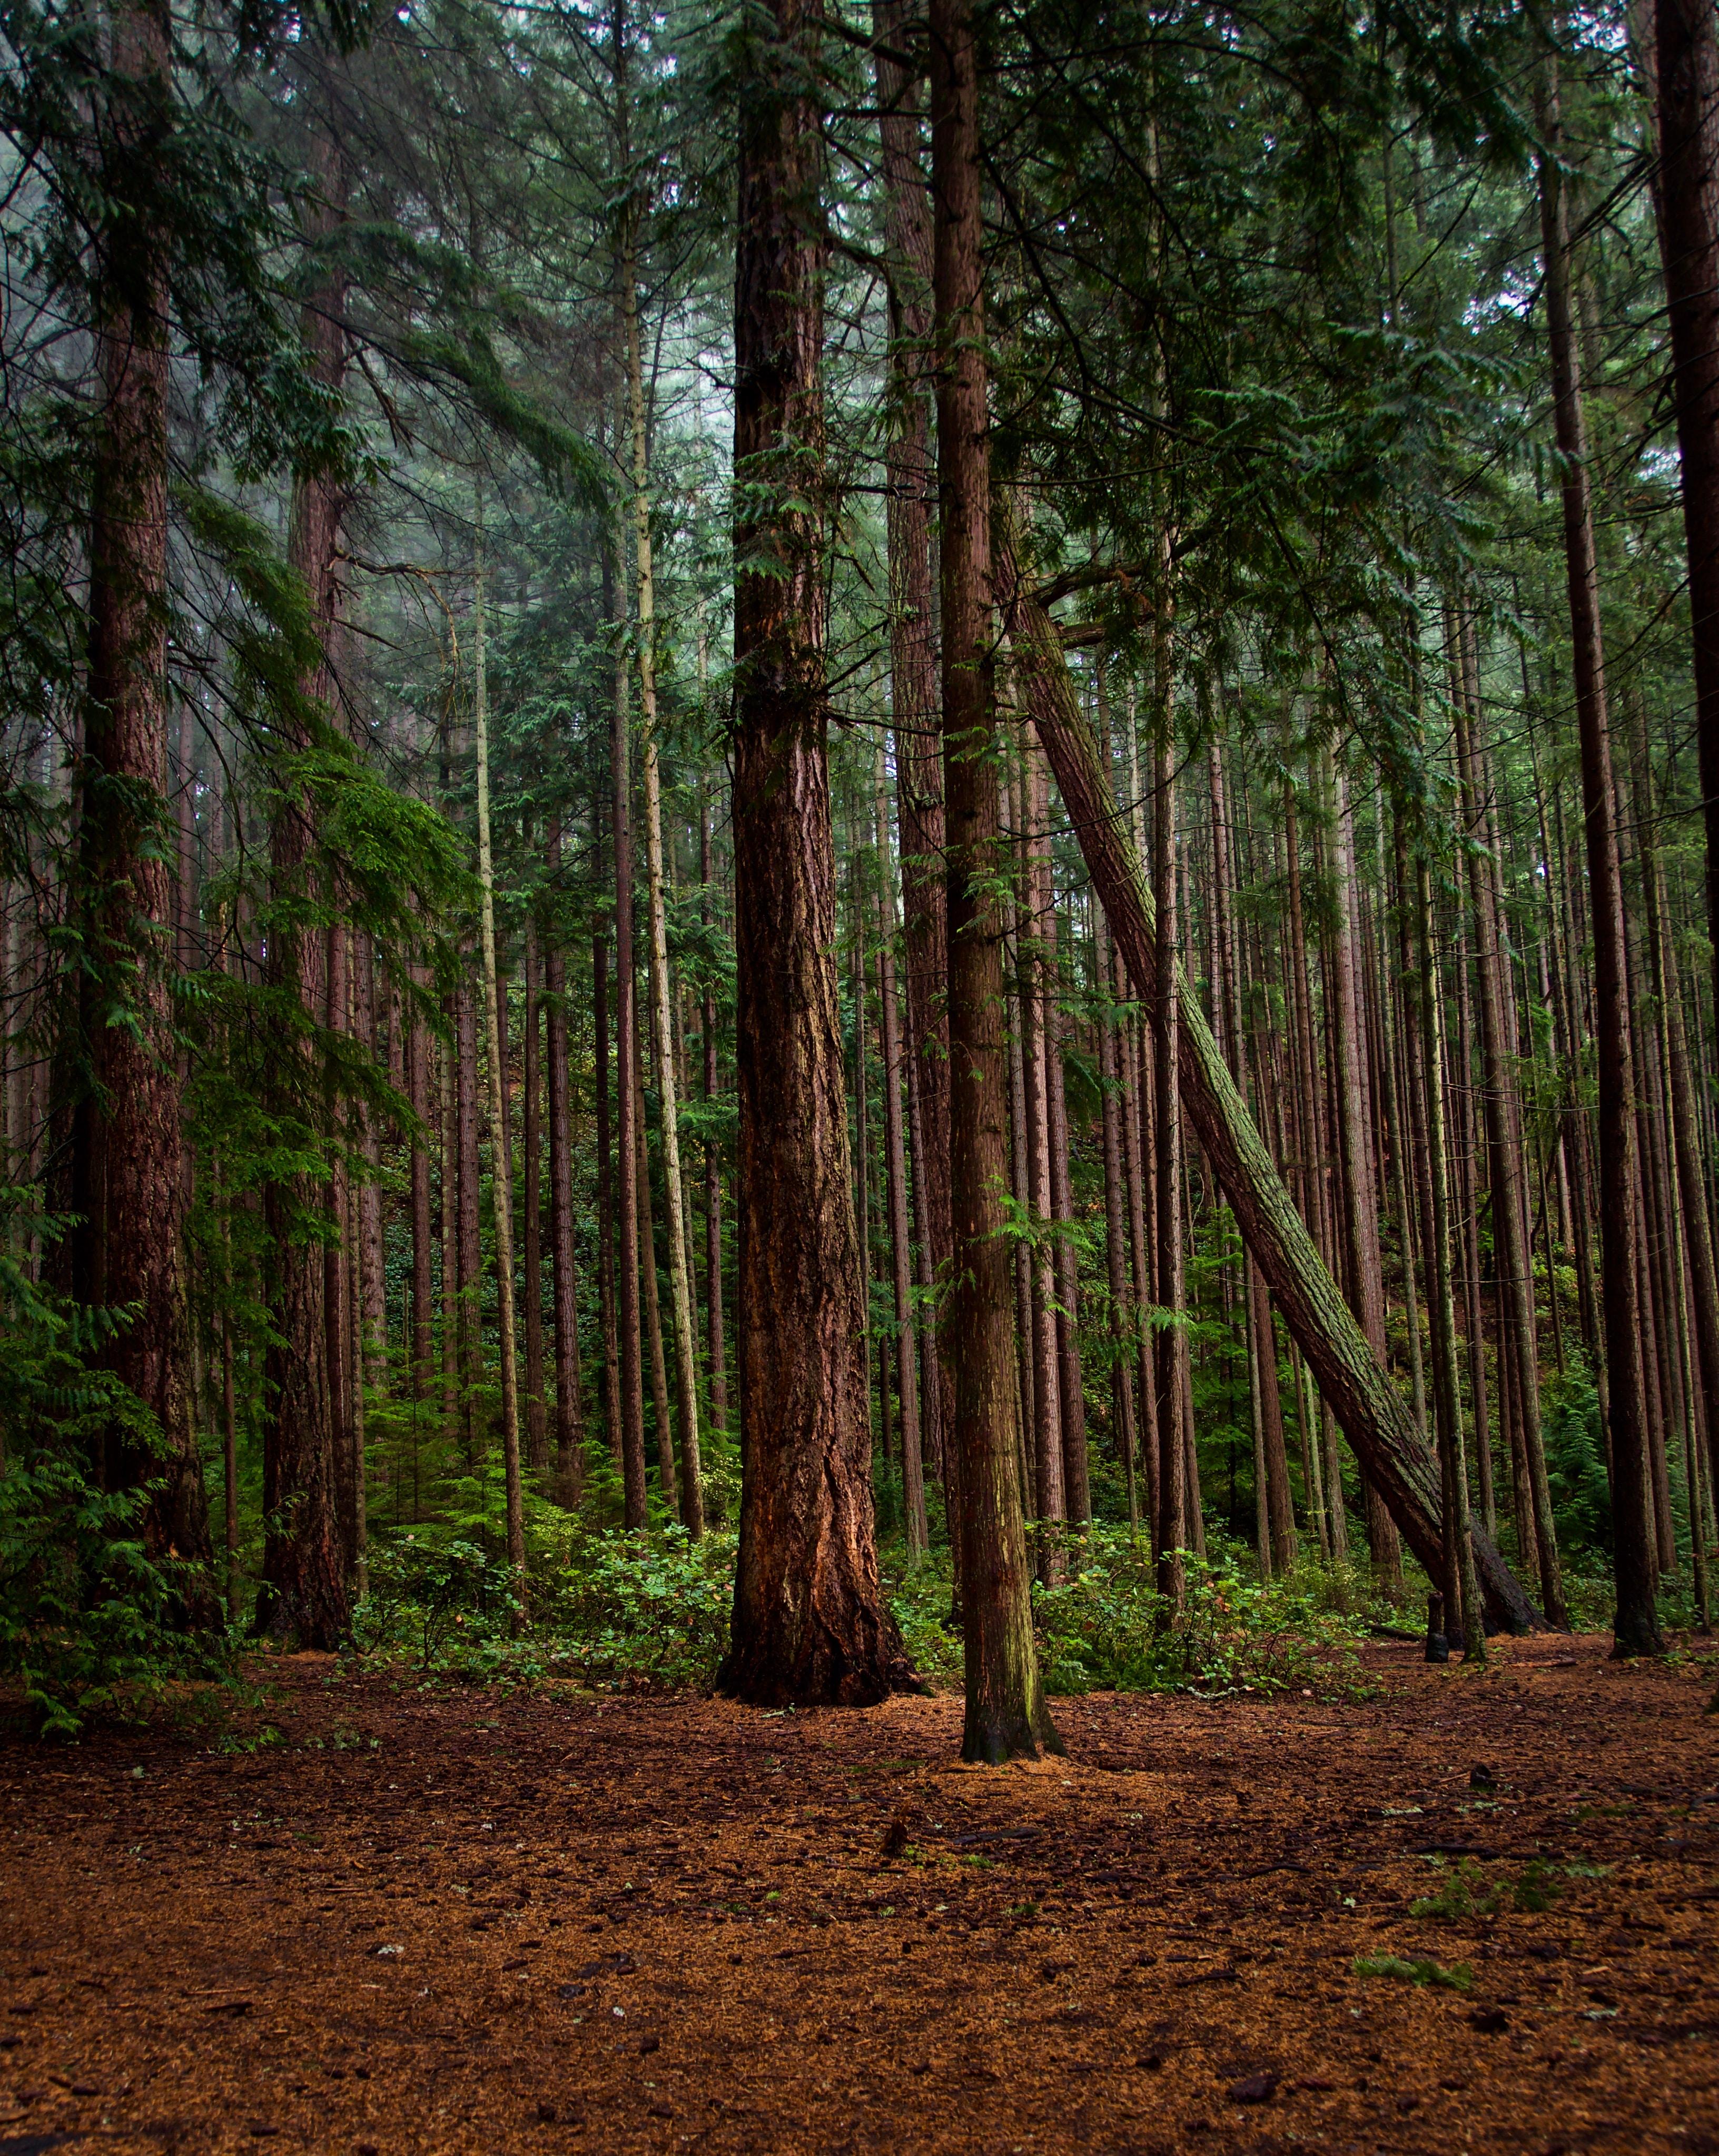 73272 скачать обои Природа, Лес, Зеленый, Кусты, Сосны - заставки и картинки бесплатно